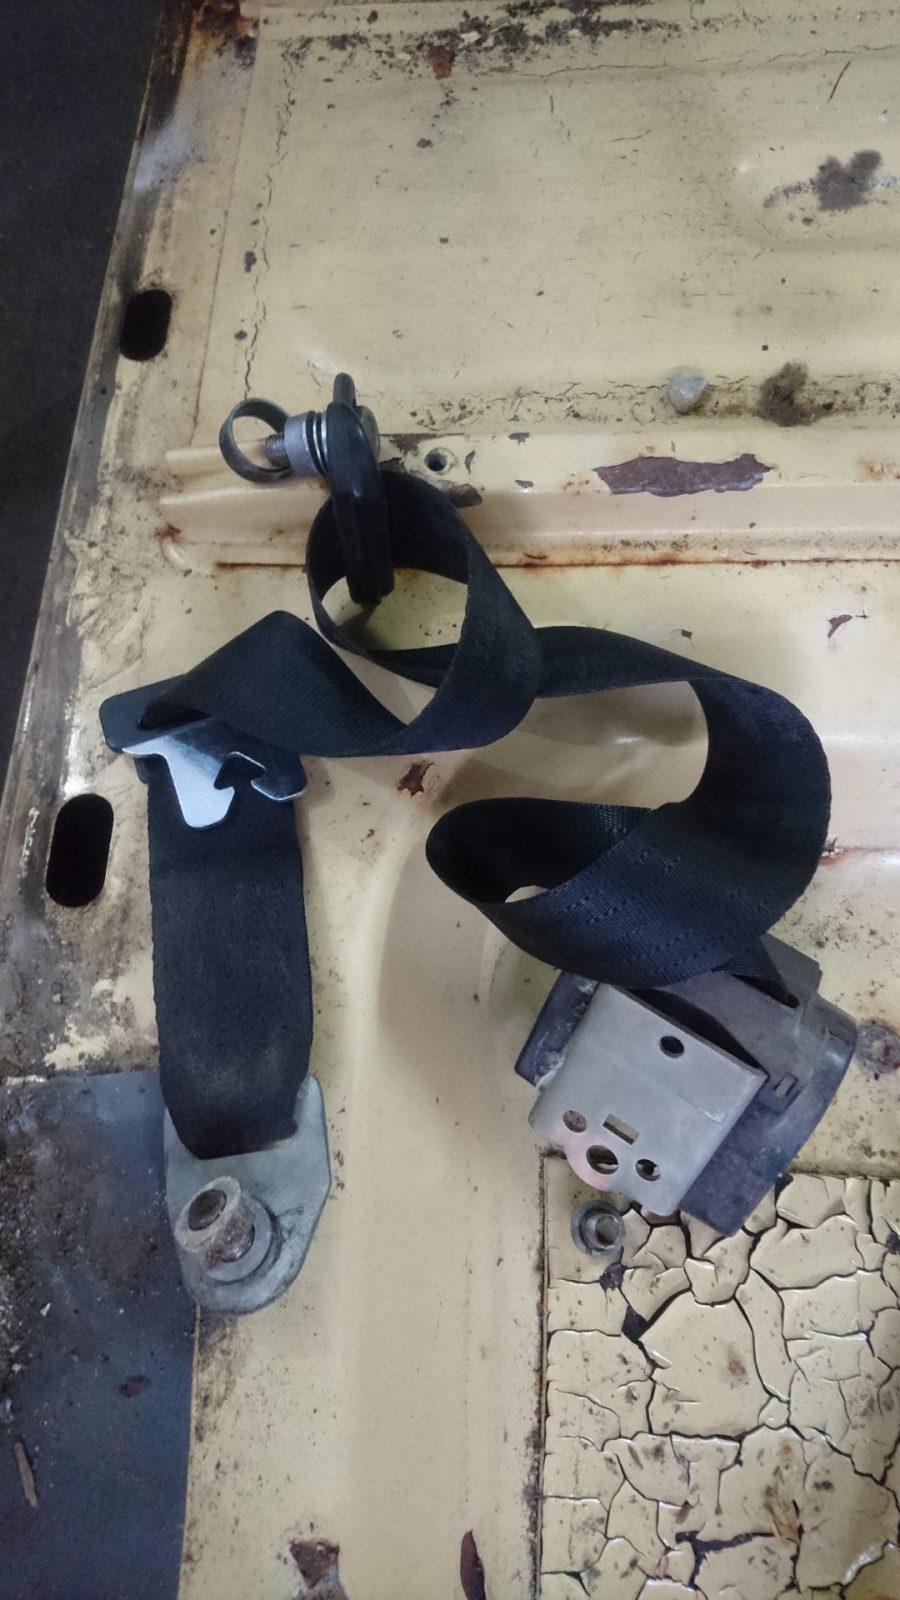 Abmontierter Anschnallgurt vorne links mit Position der Schrauben und Unterlegscheiben. Schließlich soll der ja auch wieder fachgerecht montiert werden.